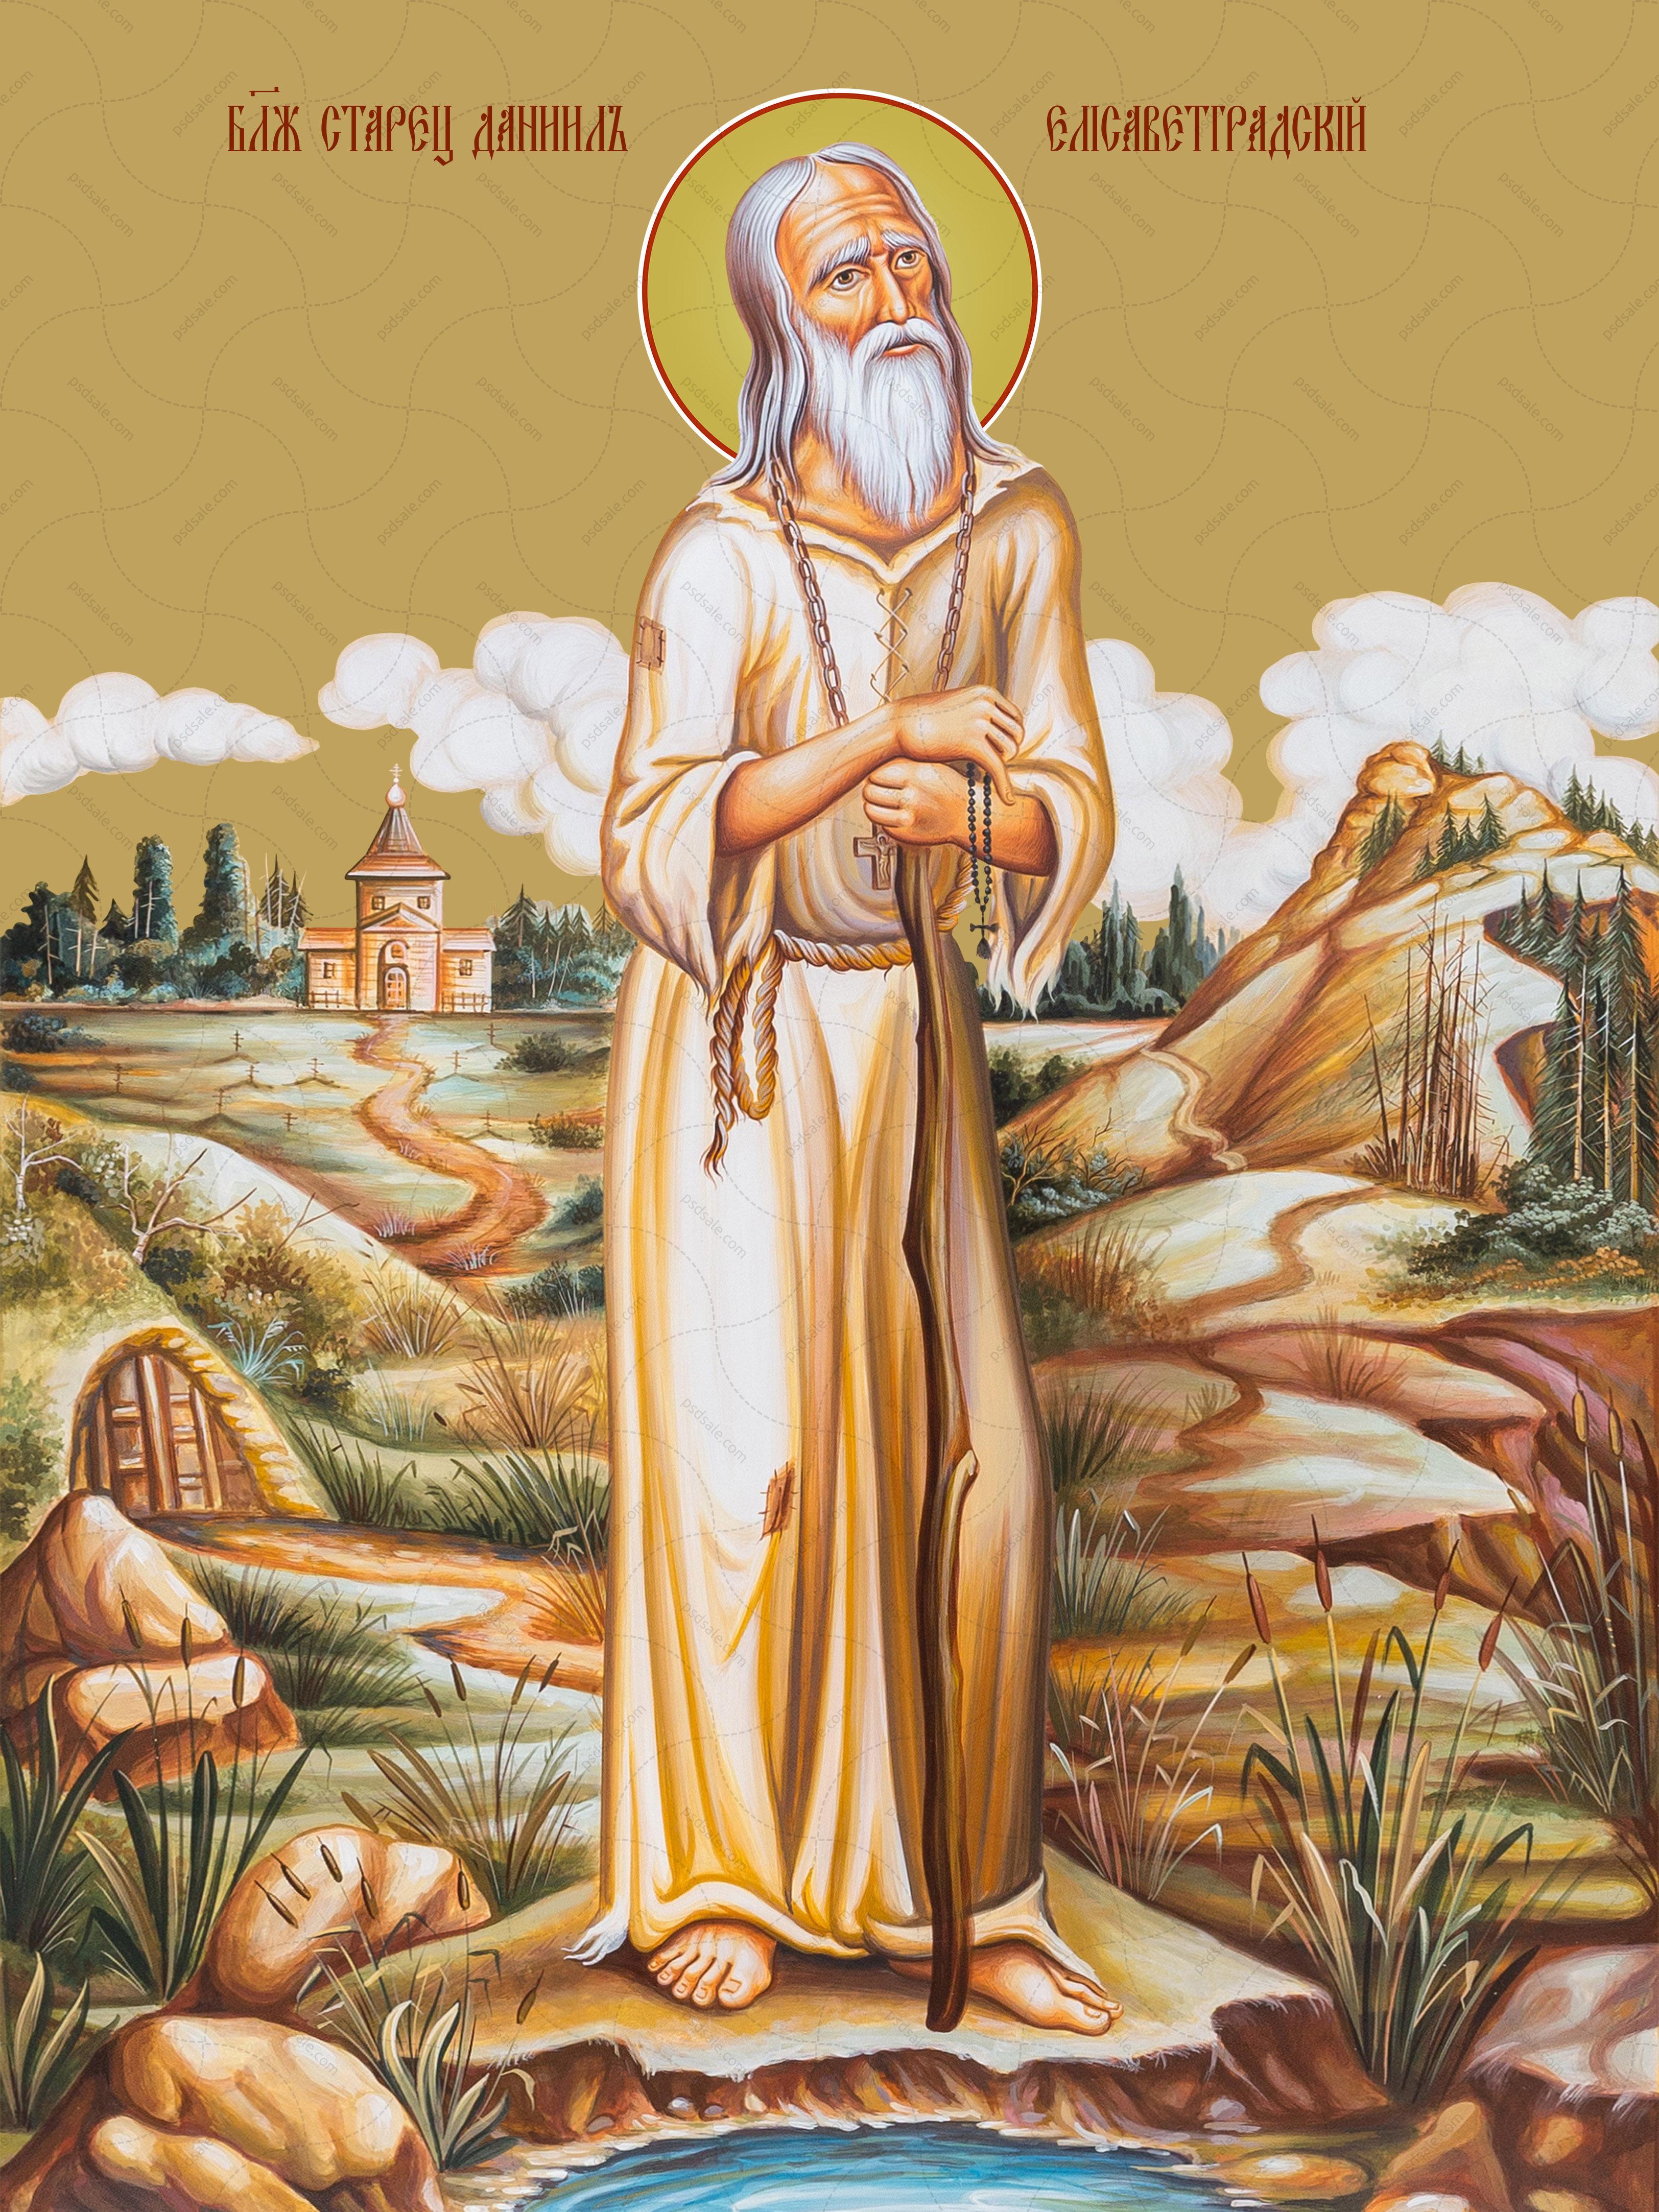 Даниил, блаженный старец Елисаветградский